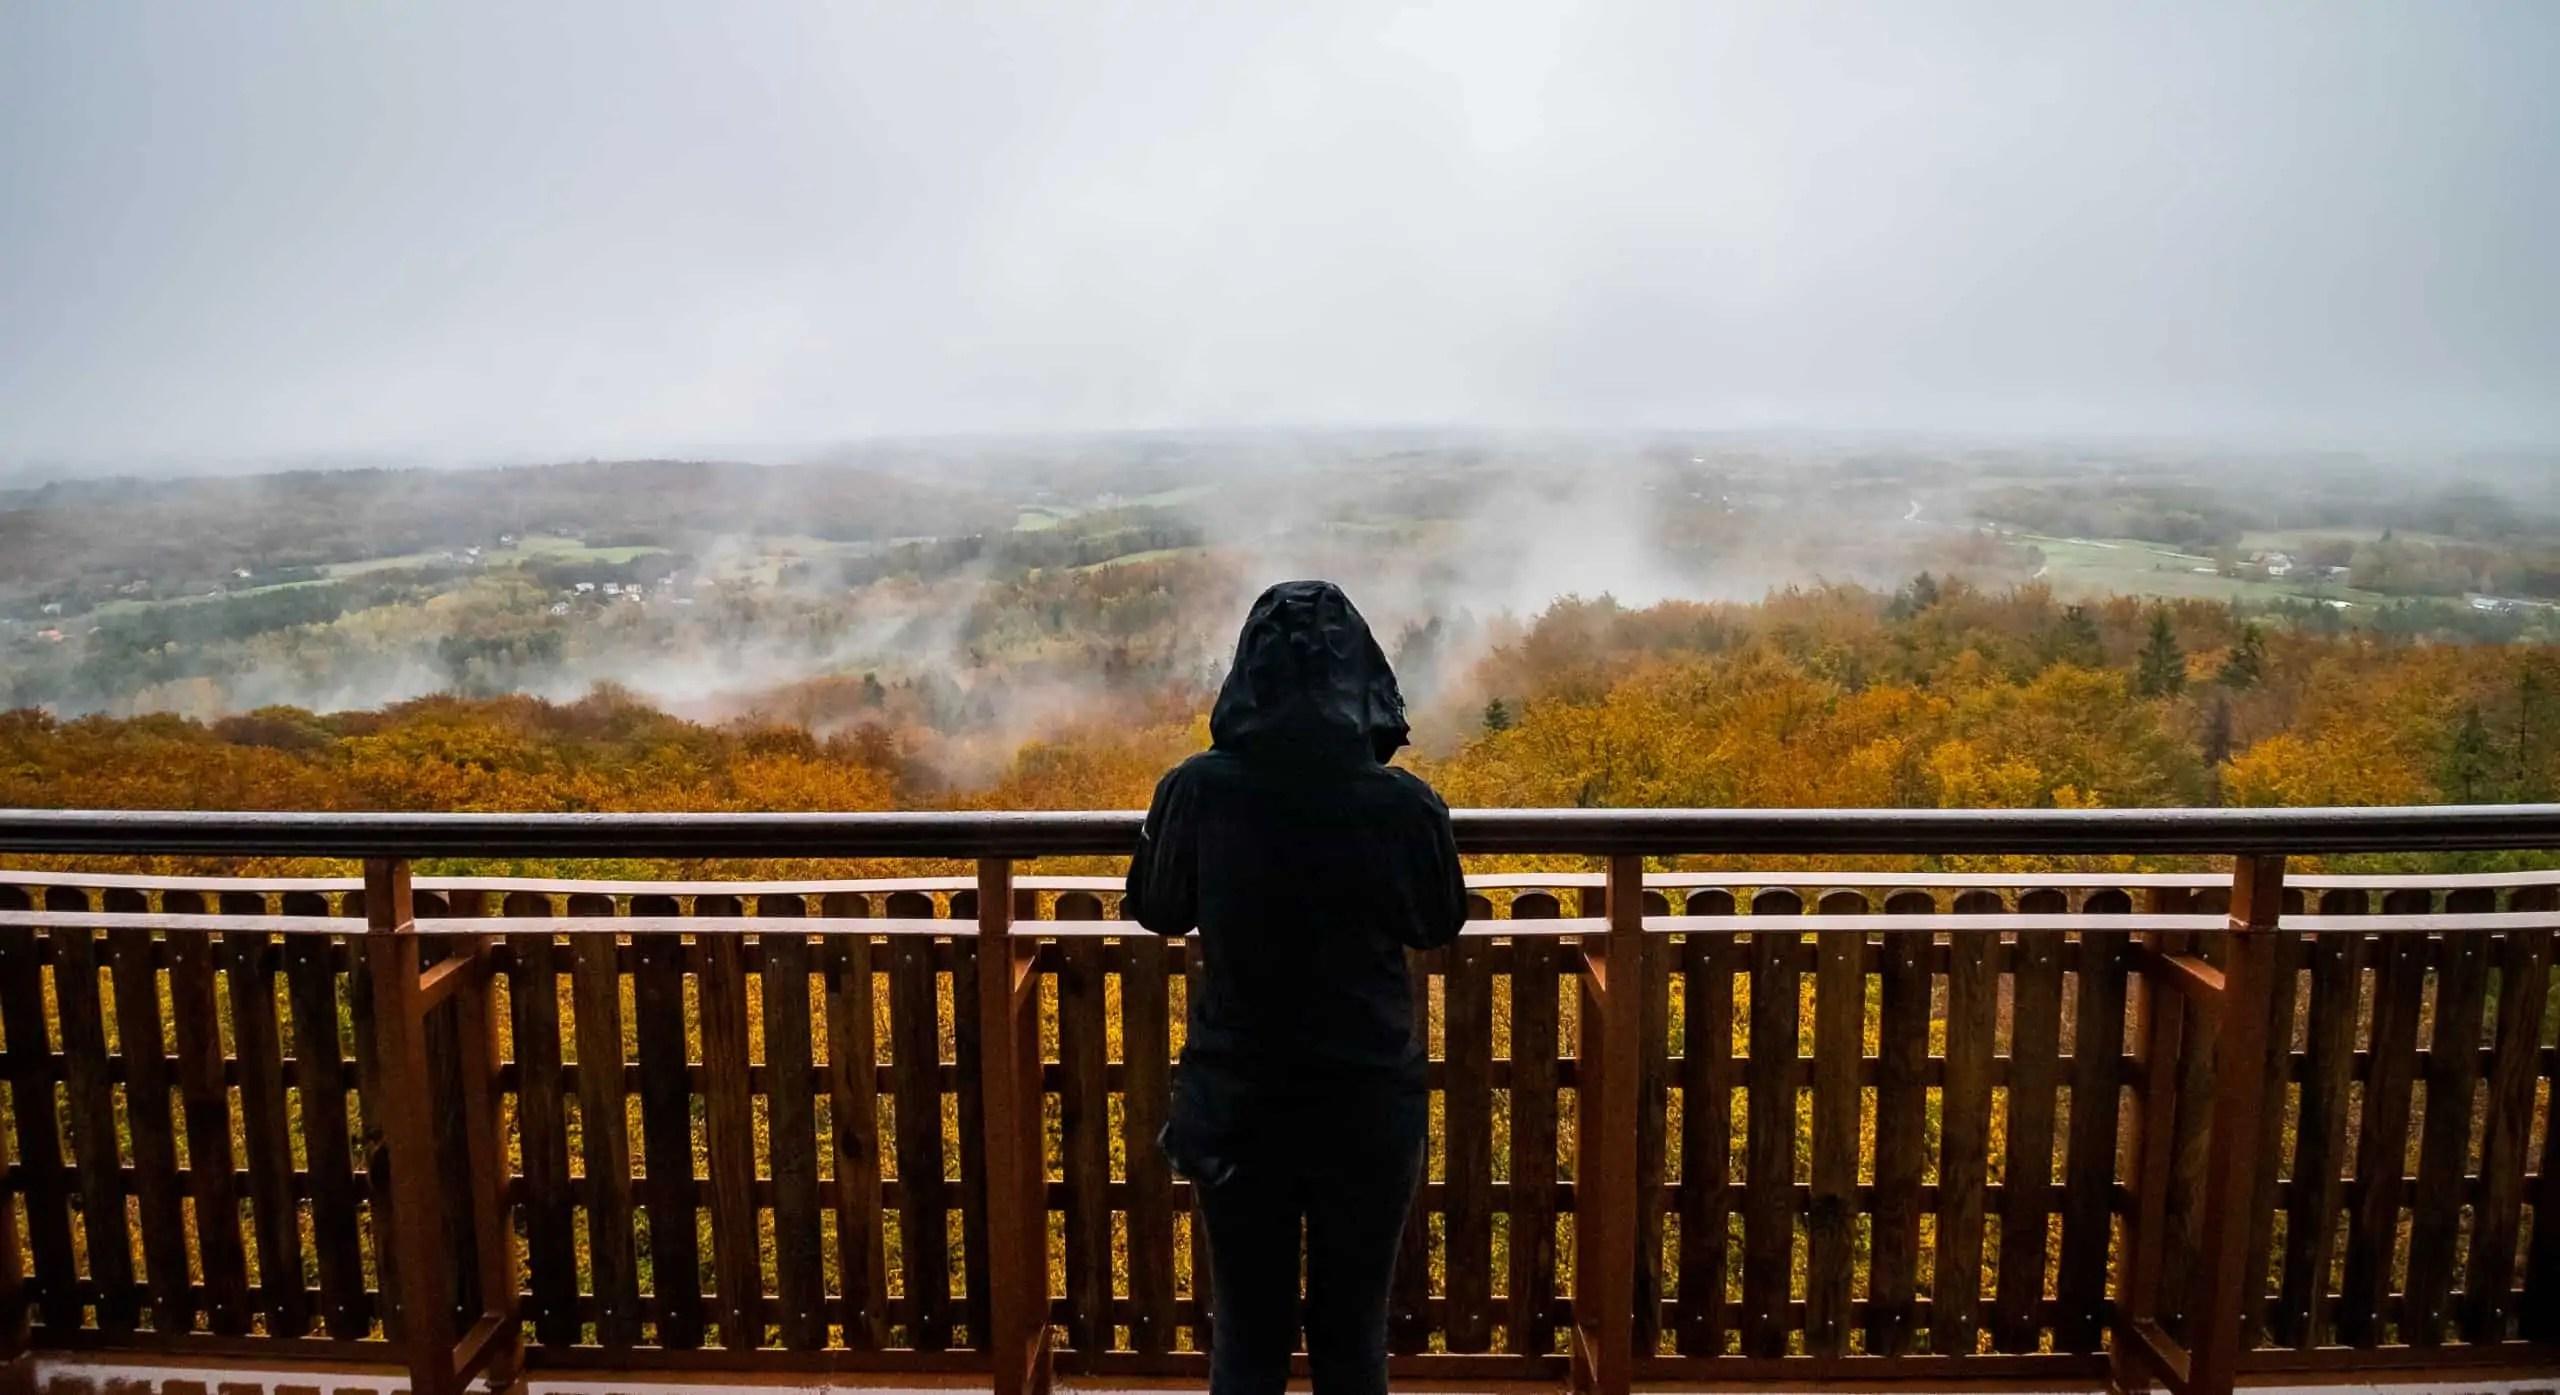 Jesienny portret wieżyca krajobraz widoku kaszubskich lasów - Najlepszy prezent dla fotografa jest darmowy. Resztę kupisz do 100 pln